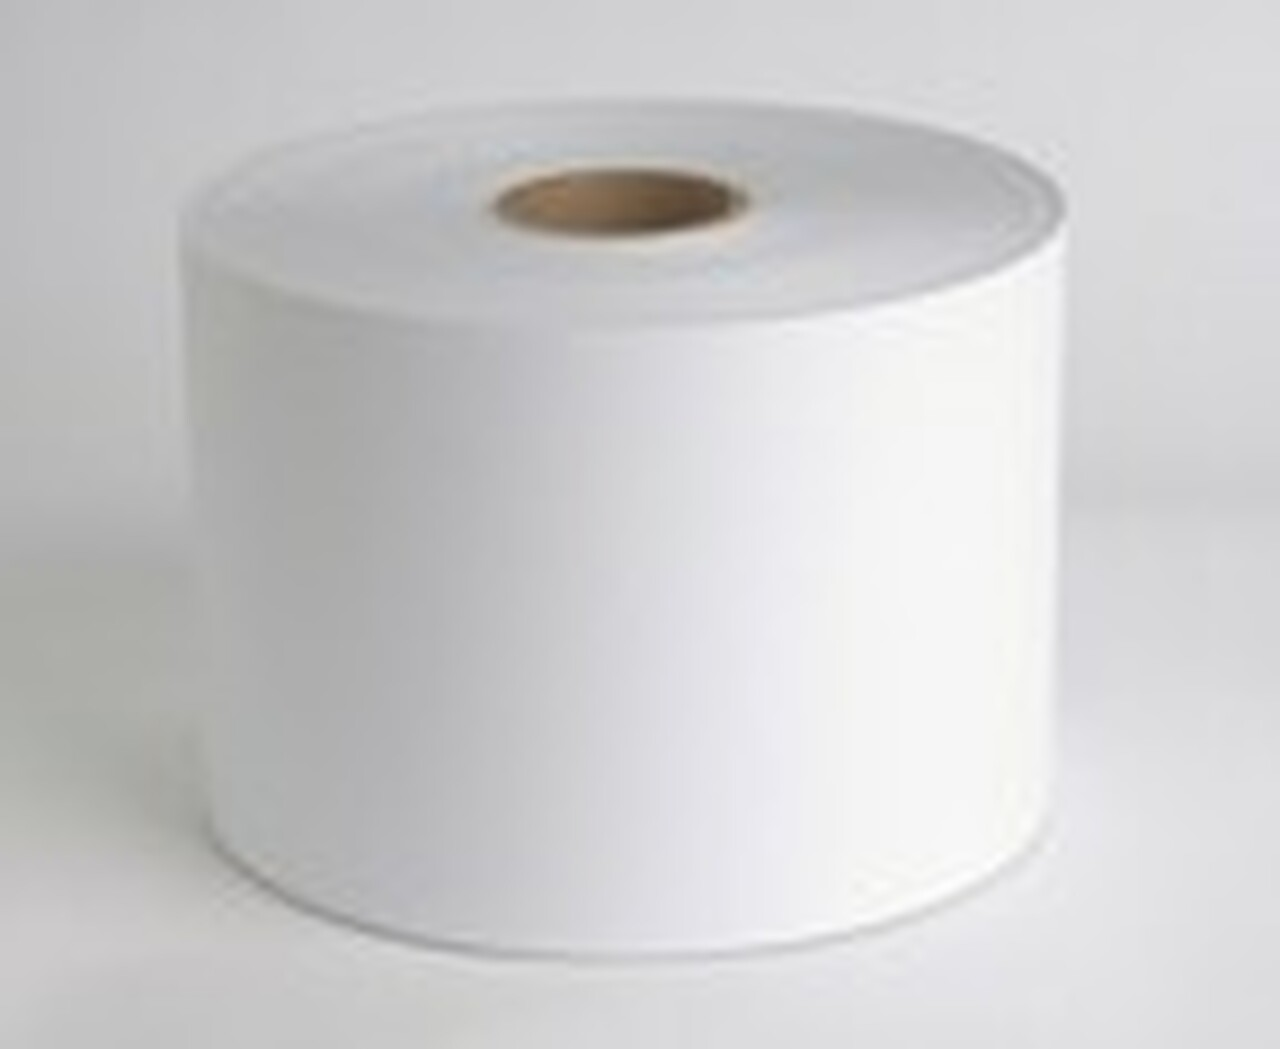 Primera CX1200 Premium White Gloss Polyester Label Roll, 8.5 x 1250'